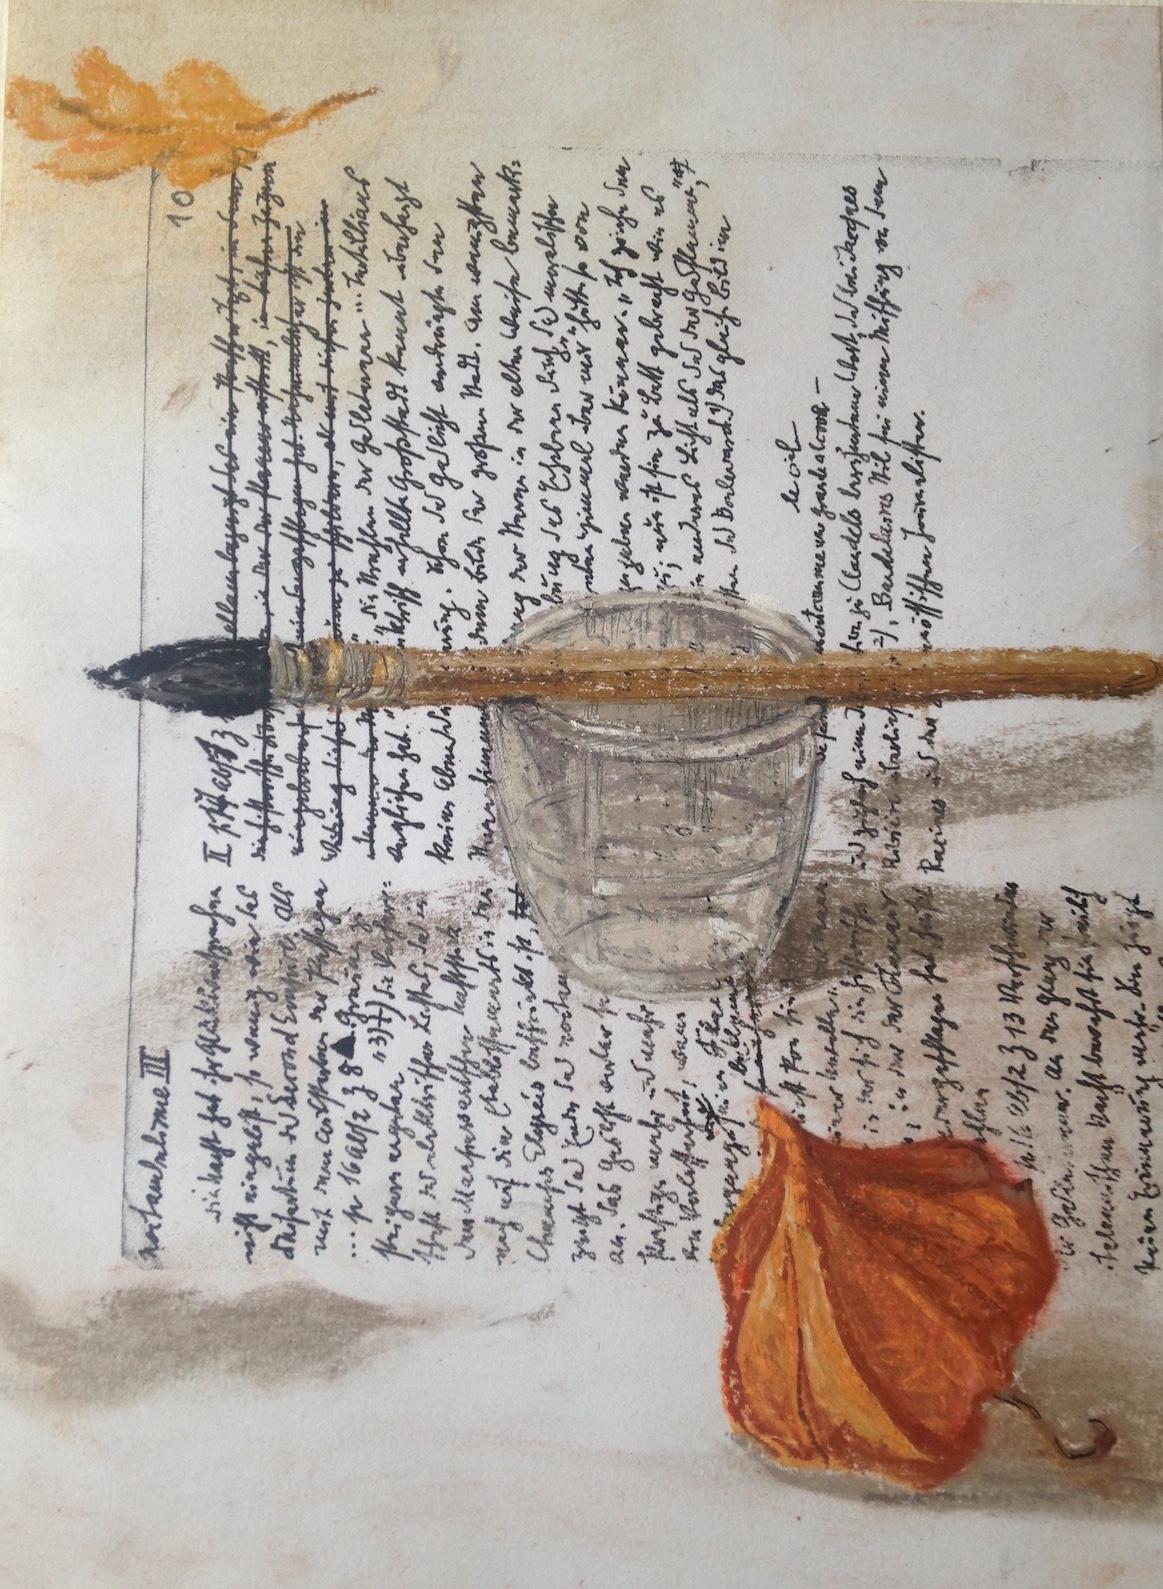 Nello spazio della scrittura, Foglia, pennello, bicchiere e alchekengi su fotocopia di manoscritto di Walter Benjiamin, 2018, pastello, 21x15,